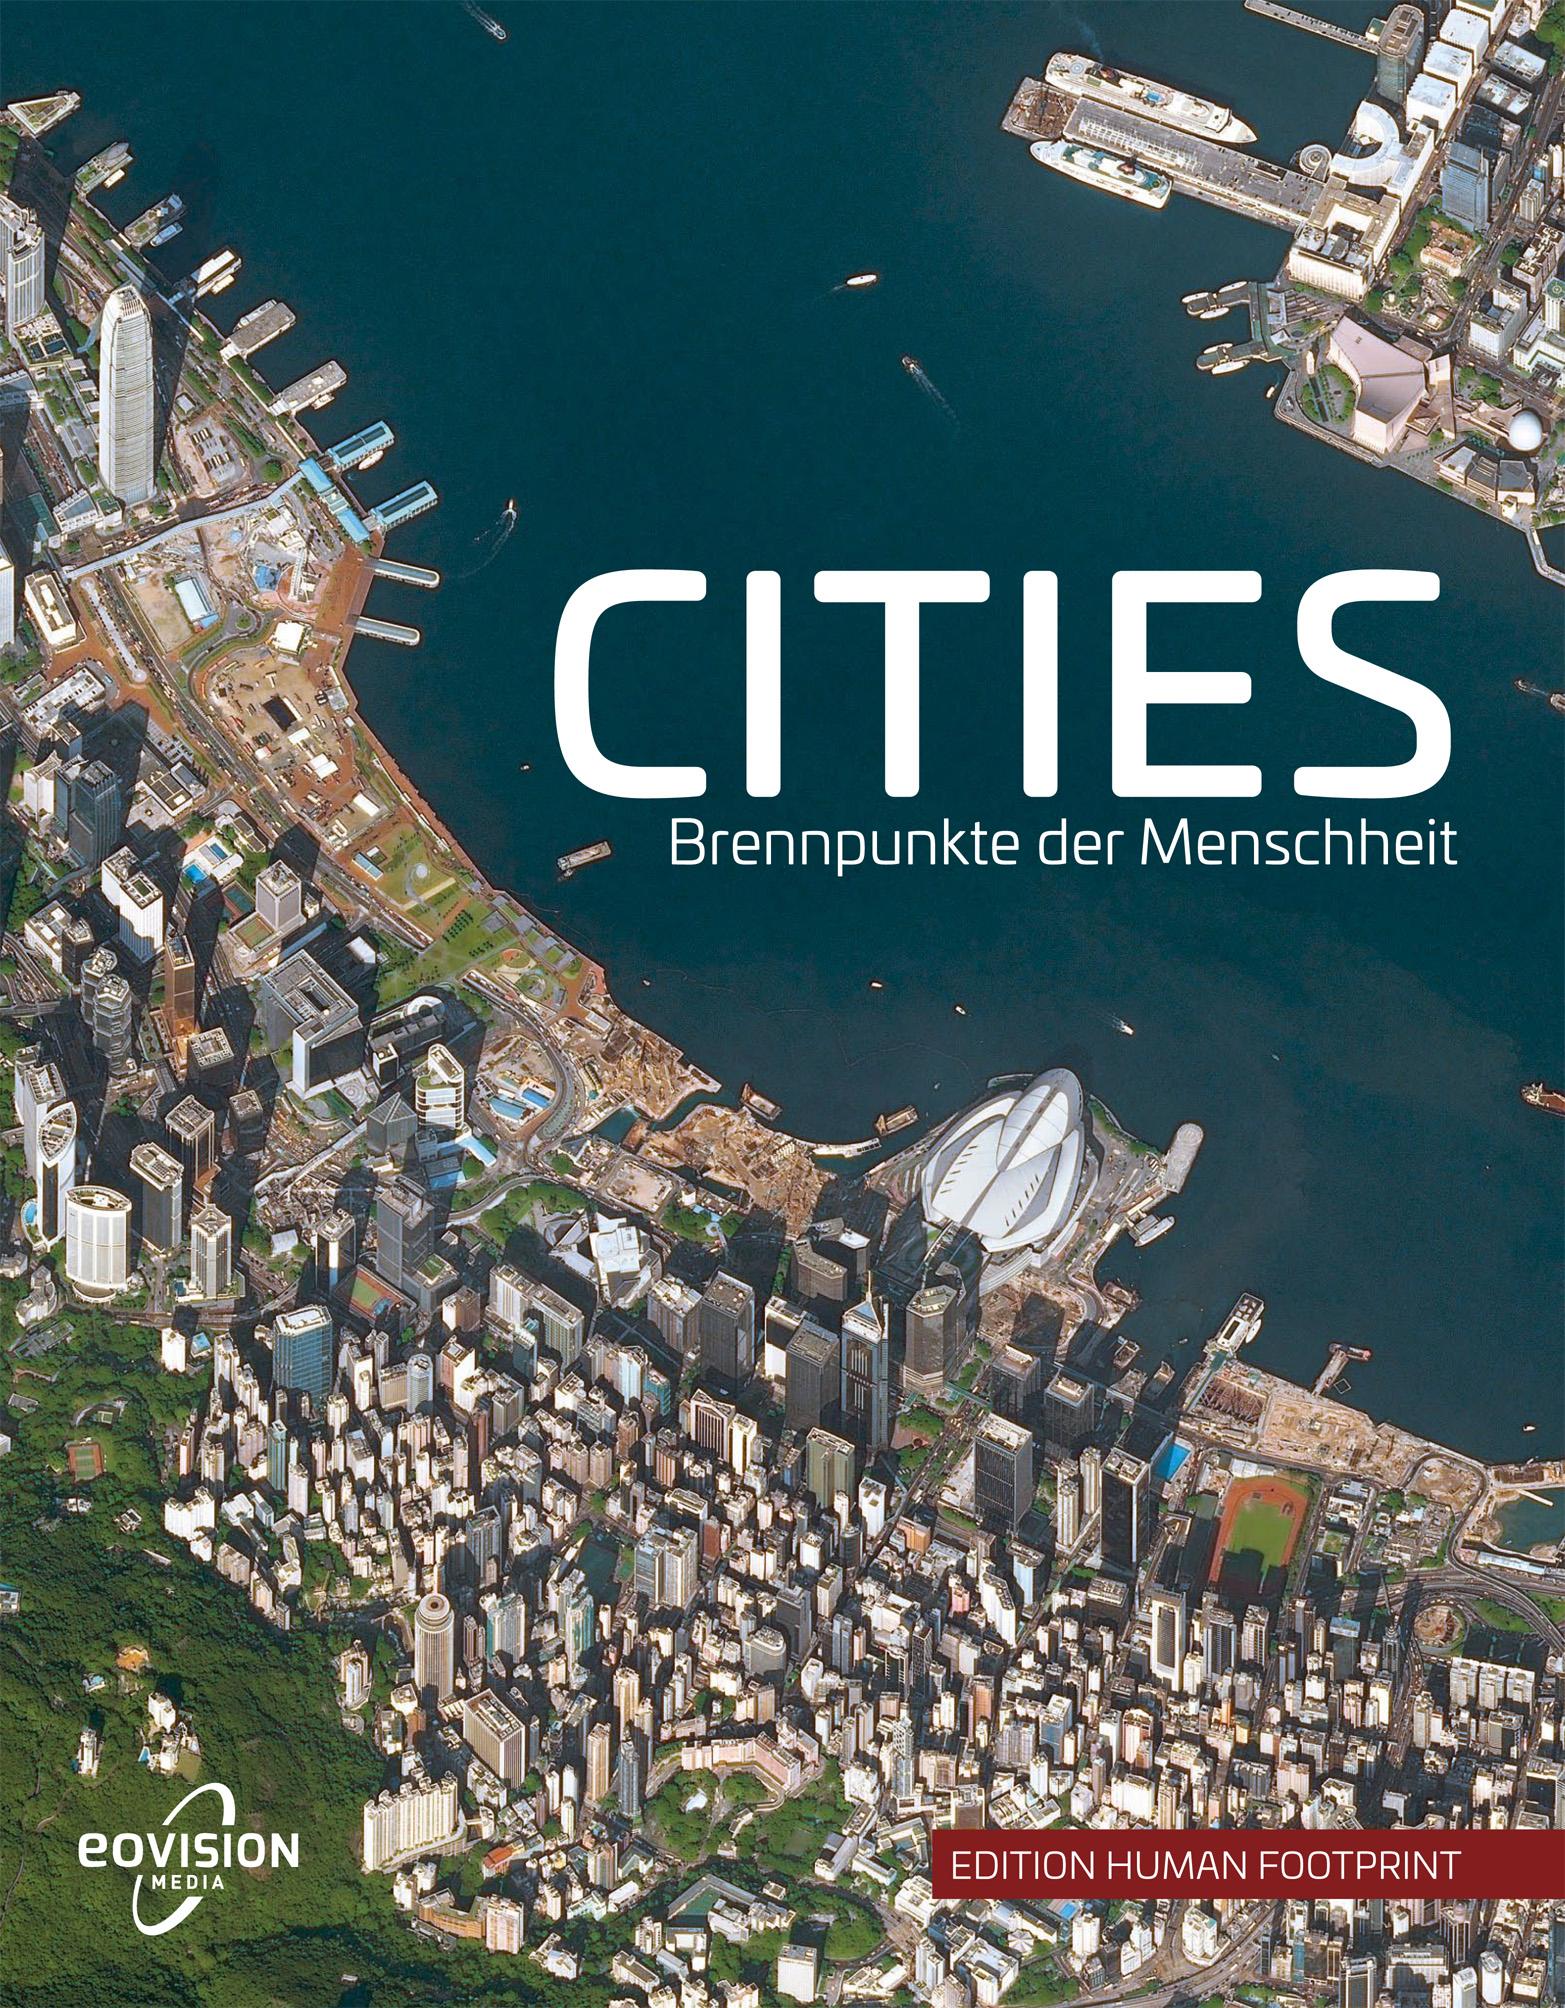 CITIES-Markus-Eisl